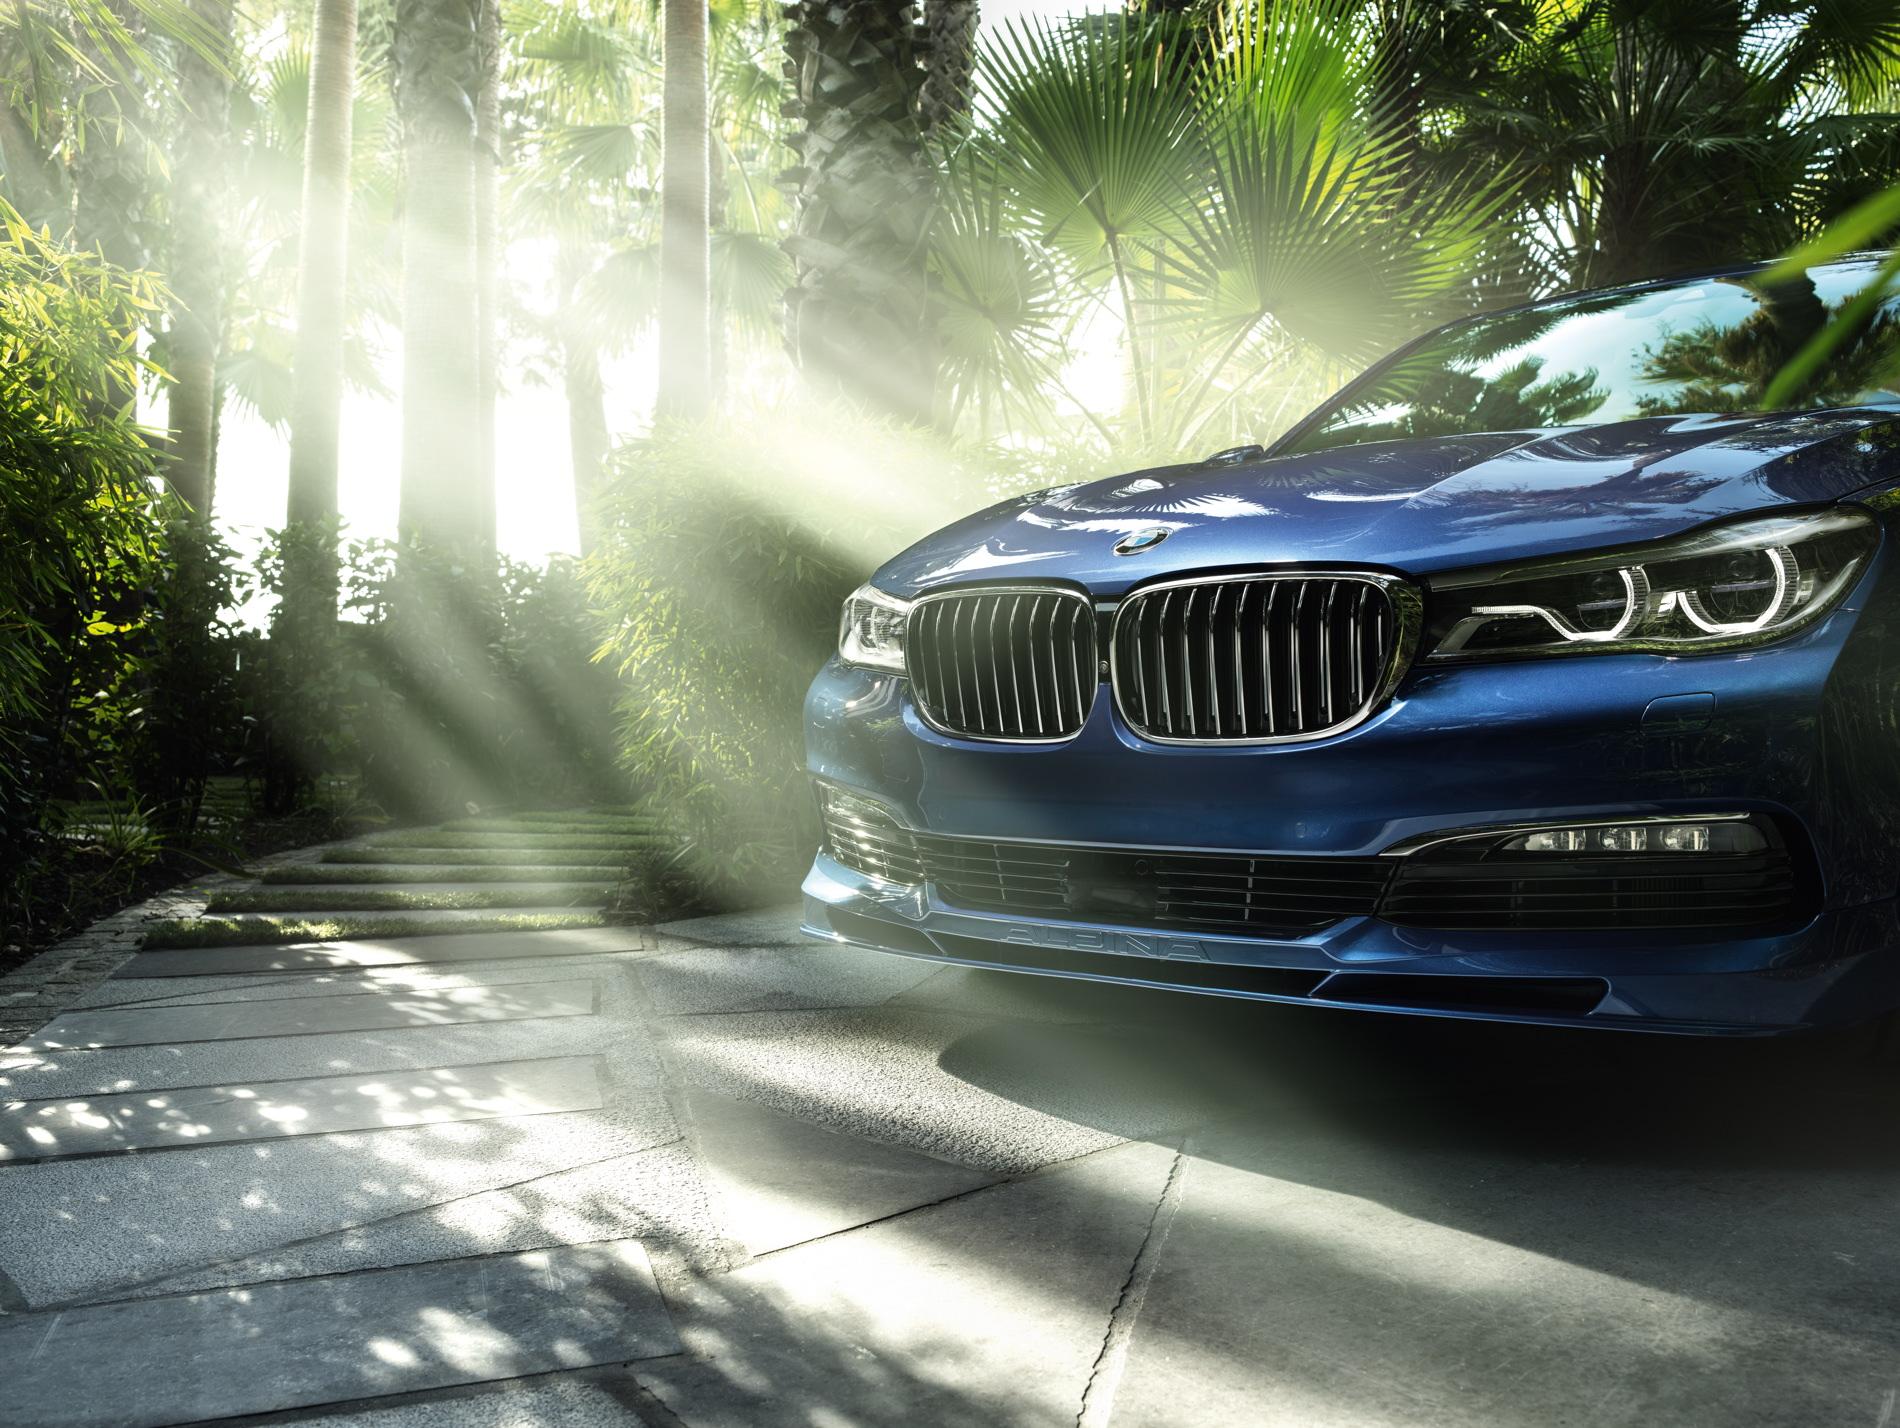 Alpina lanzará más modelos turbodiésel, basados en el Serie 6 y el Serie 7 2